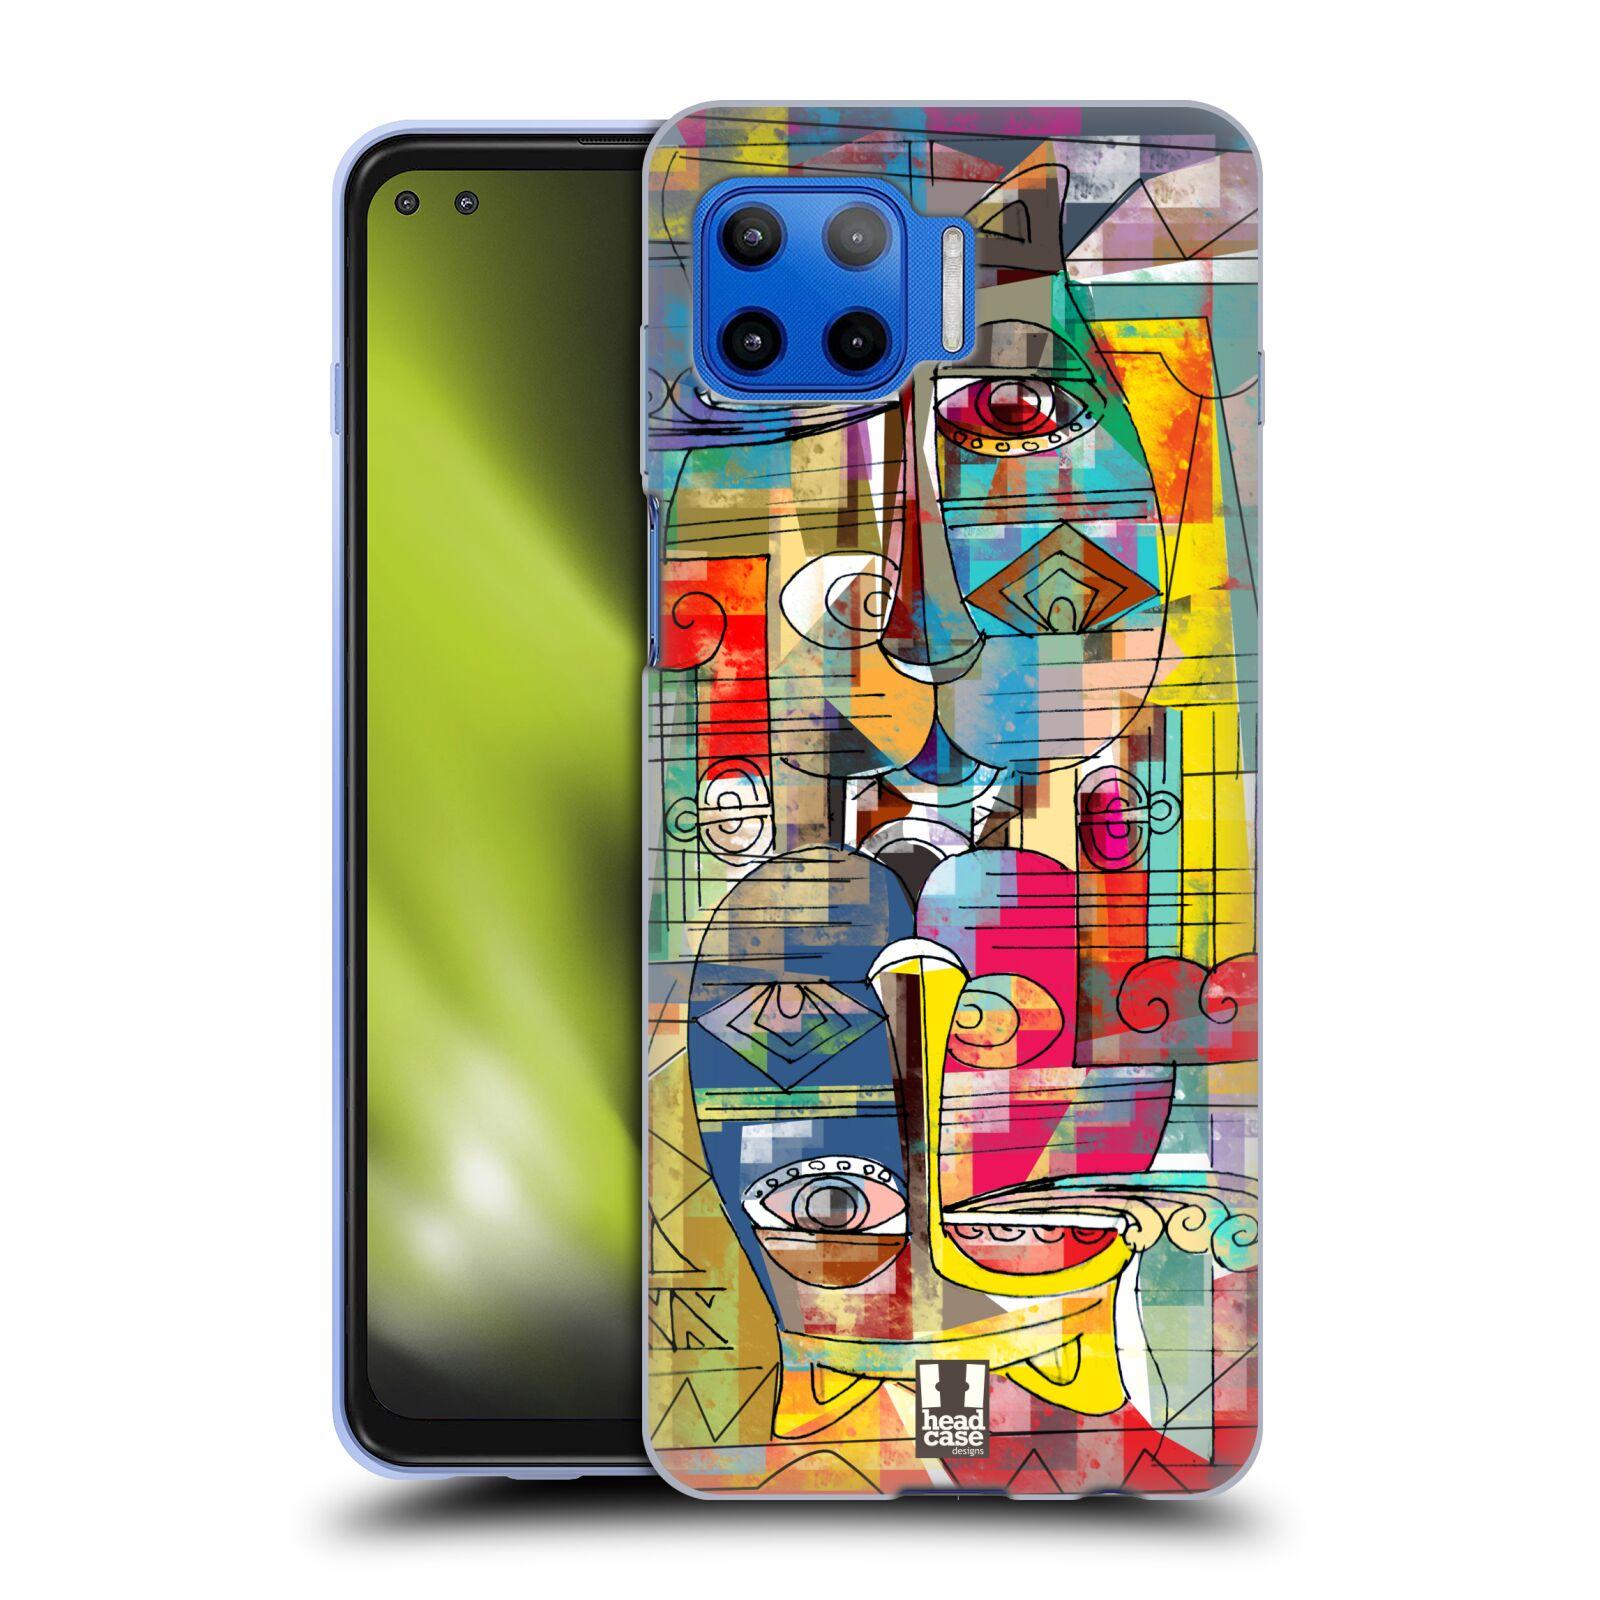 Silikonové pouzdro na mobil Motorola Moto G 5G Plus - Head Case - AZTEC MANX